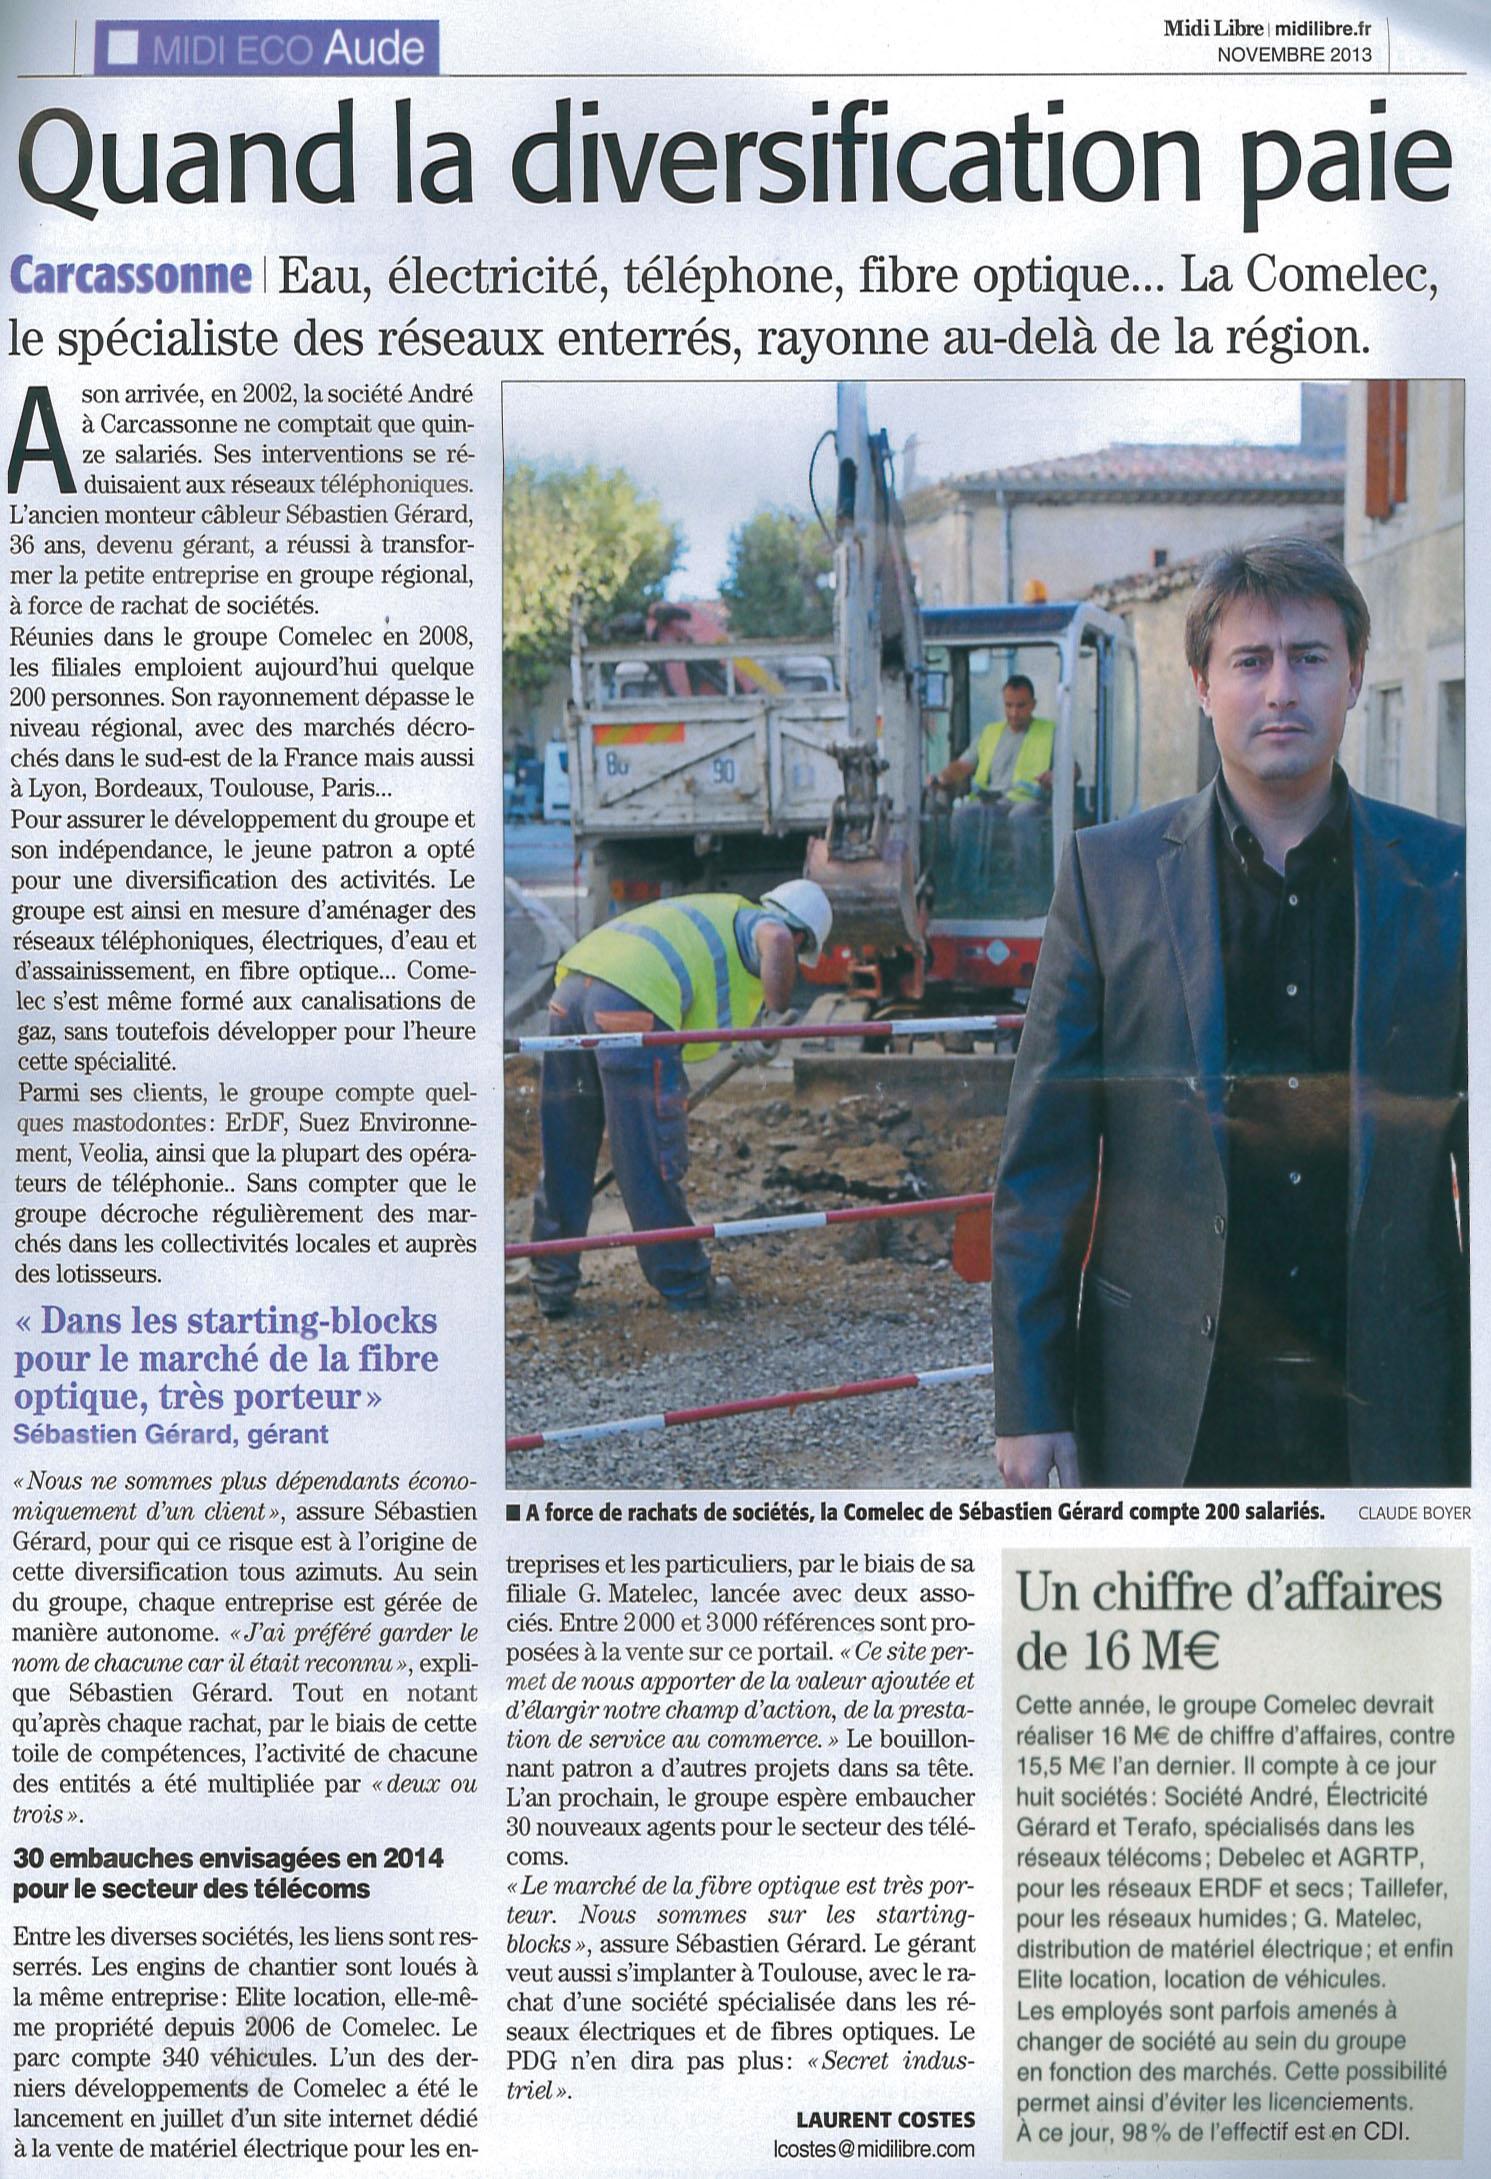 Article Midi Libre sur le Groupe COMELEC - usc 2013